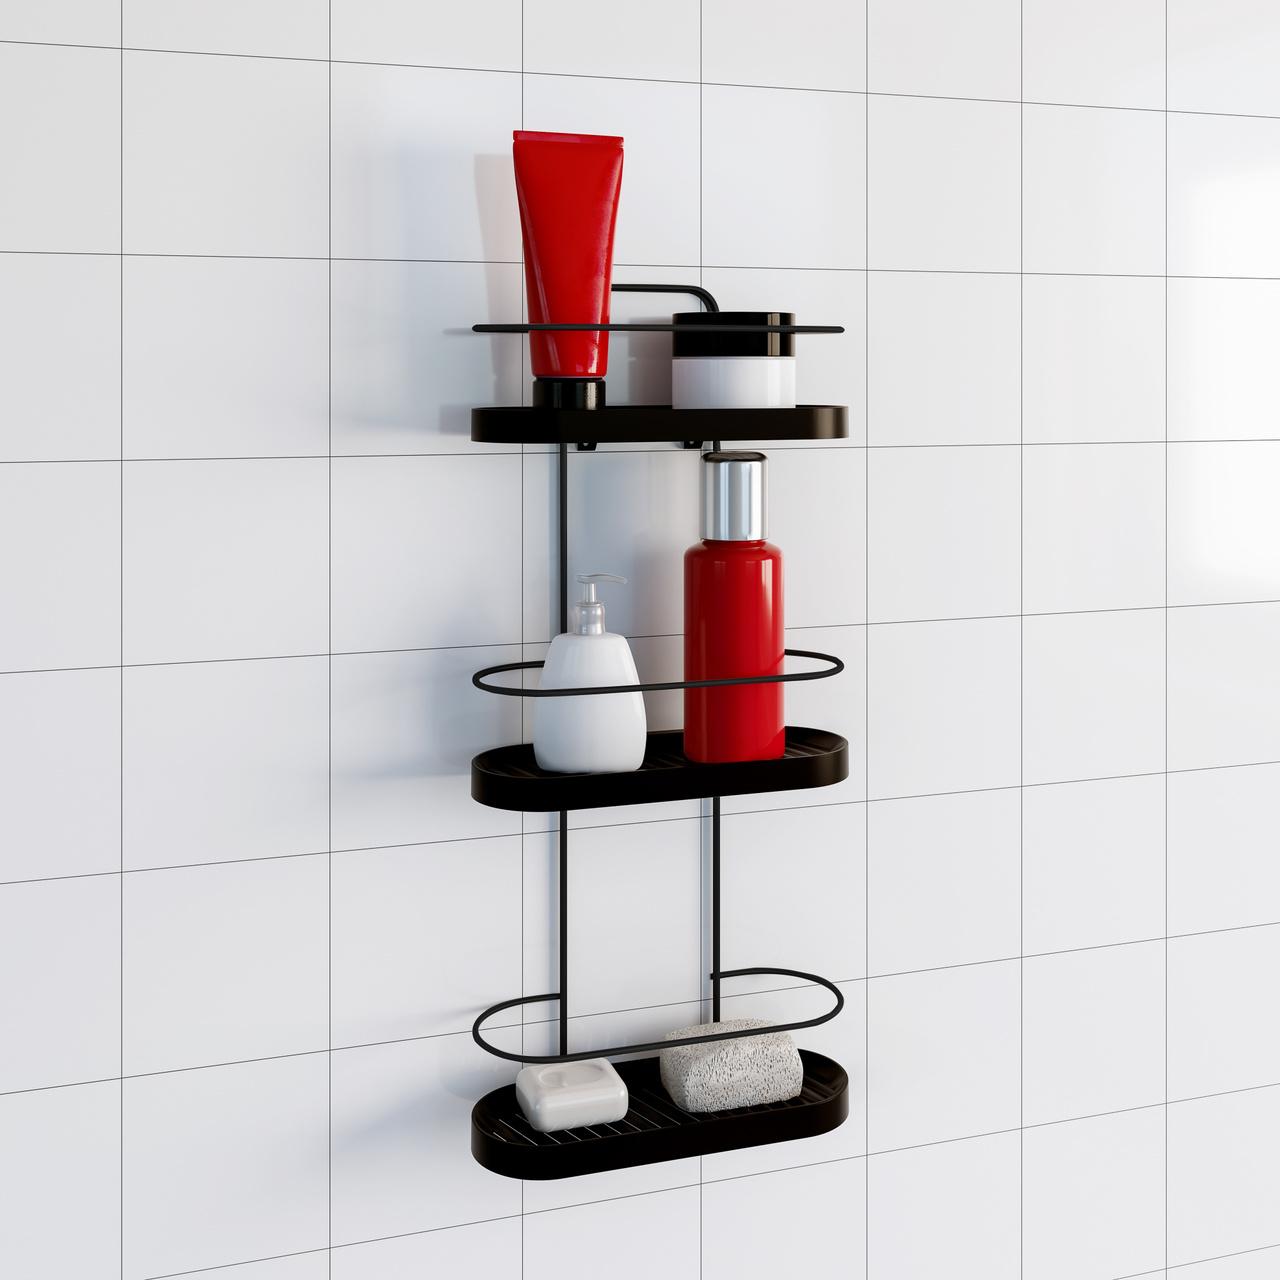 Porta Shampoo Triplo Wave  - CASACOBRE